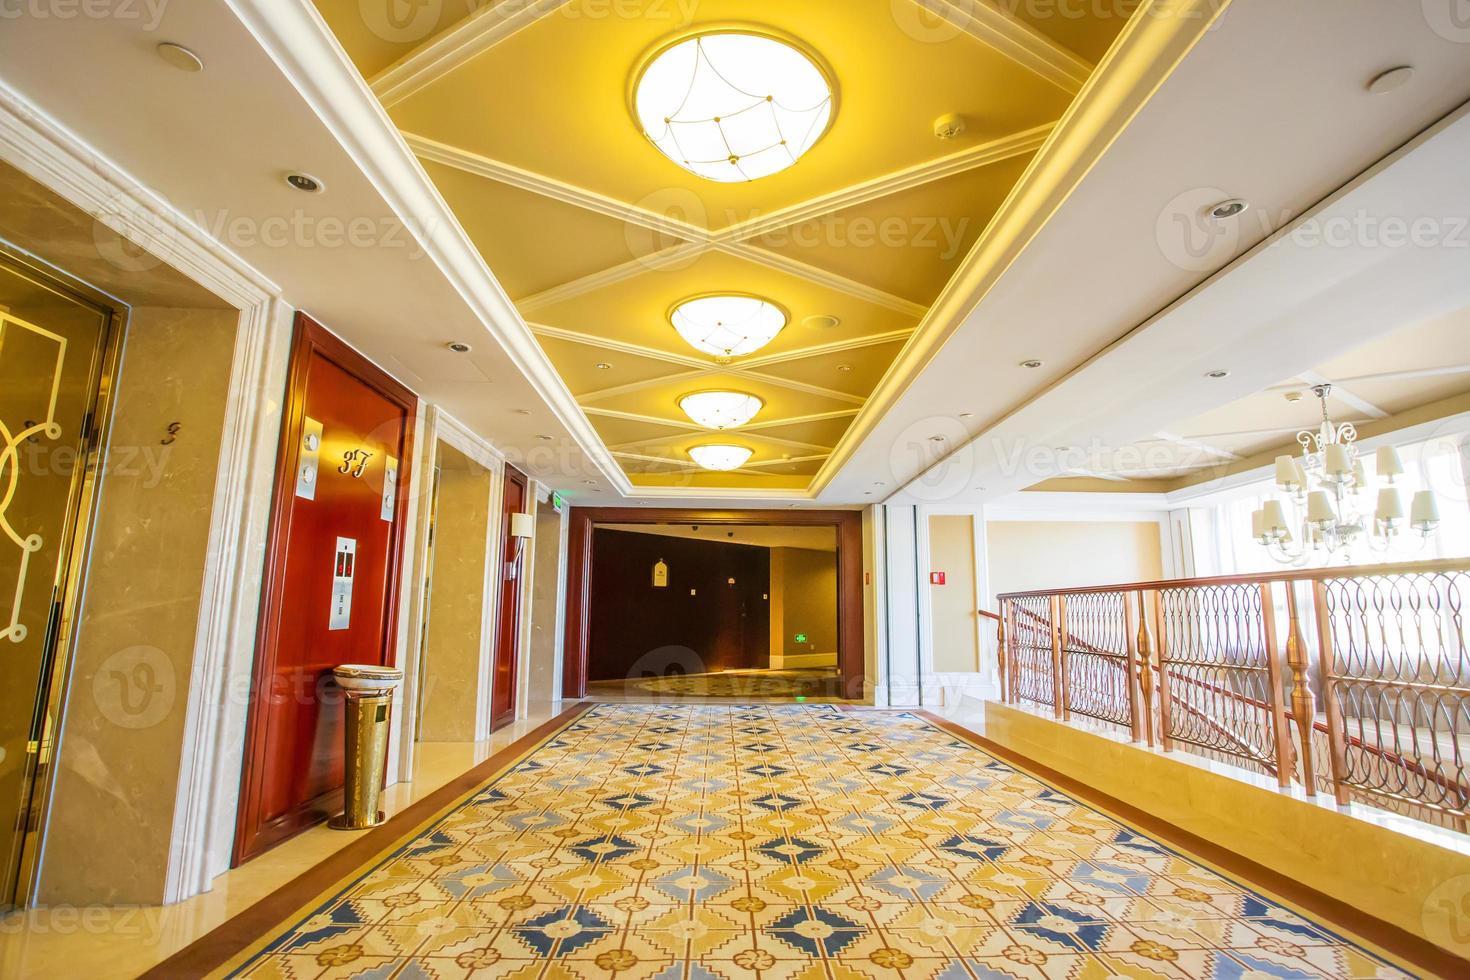 modernt hotellinredning och korridor foto